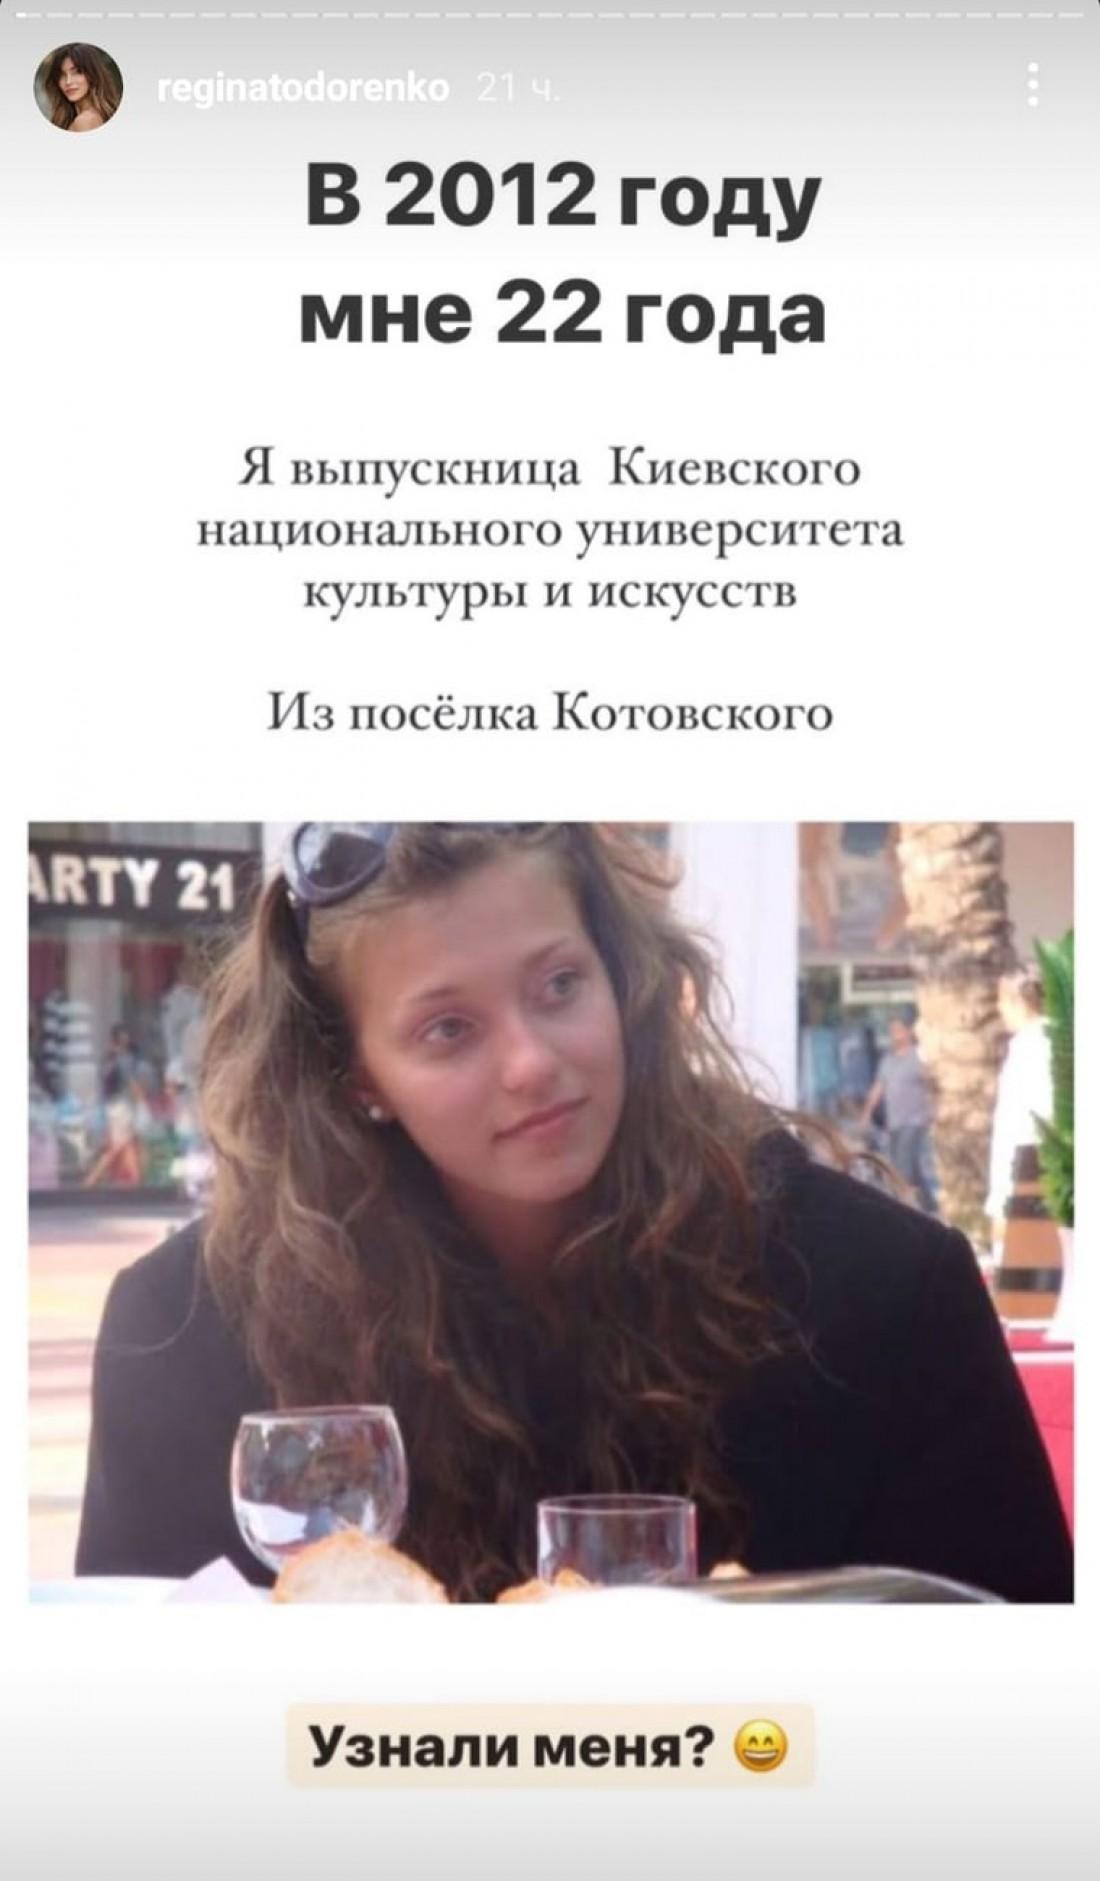 Регина Тодоренко показала, как выглядела в 22 года